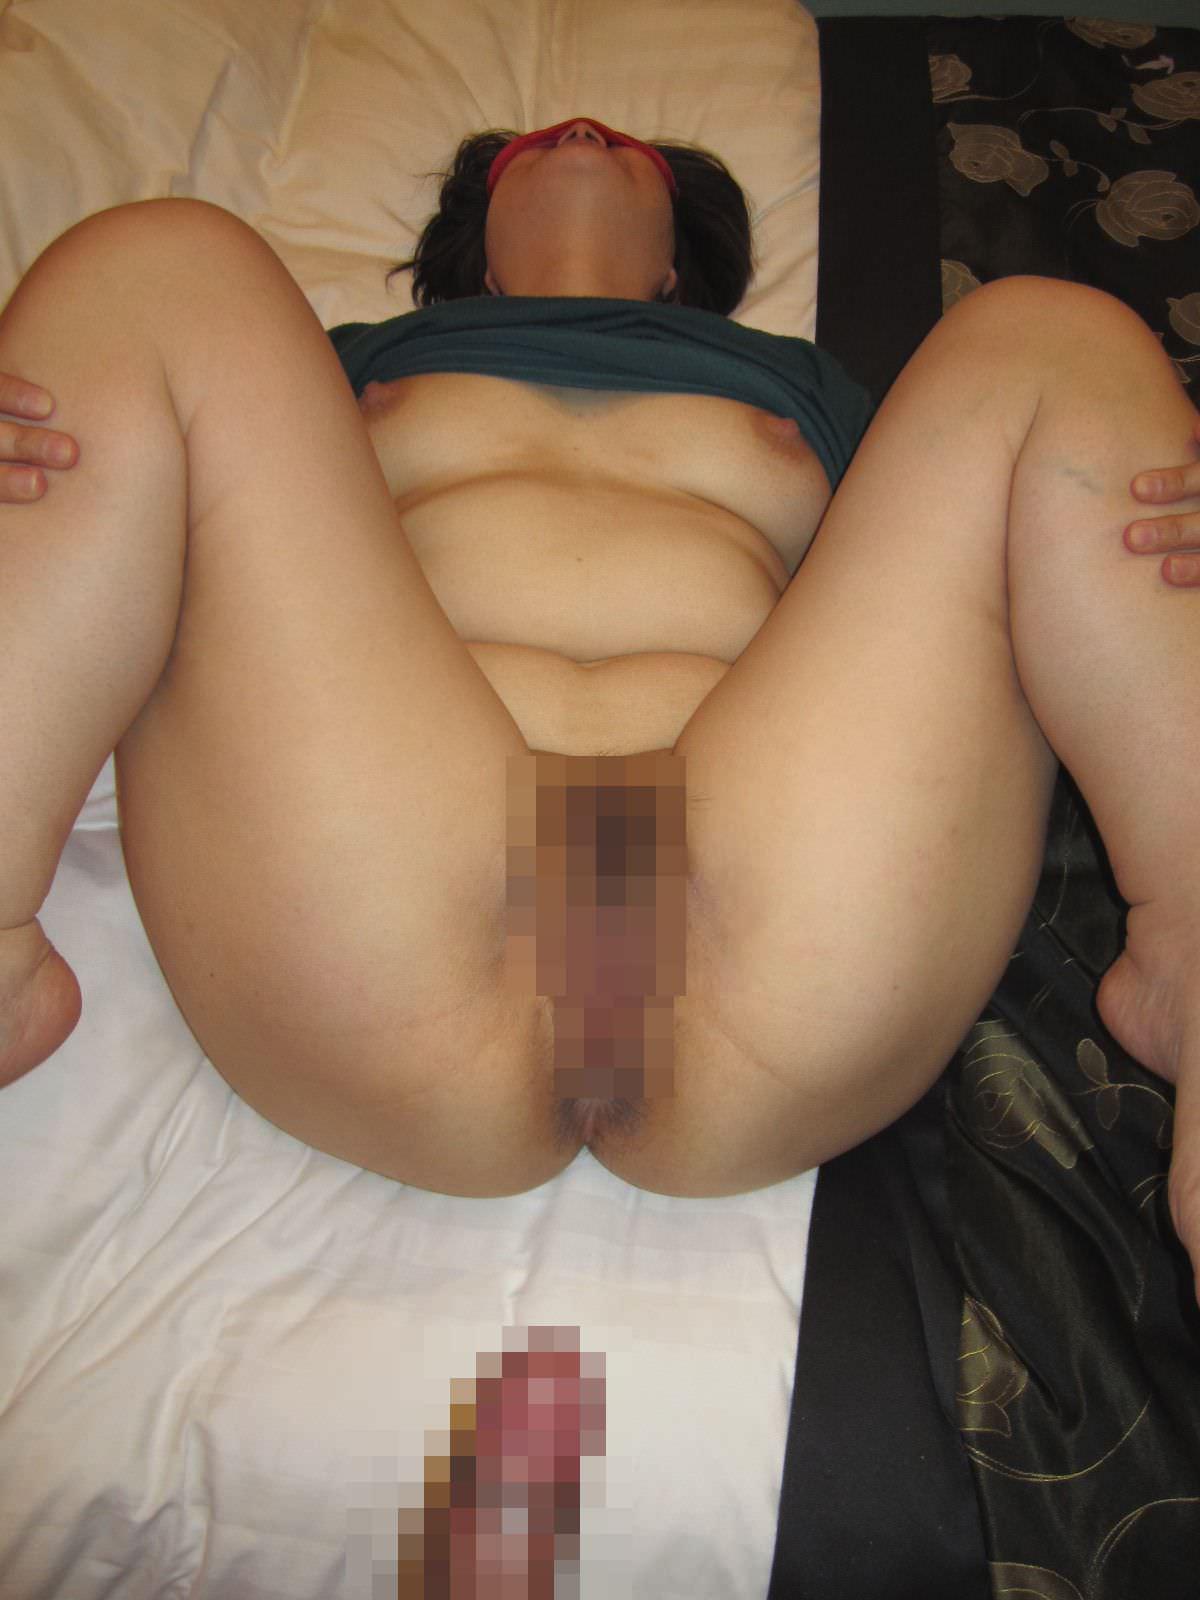 ぽっちゃり系??いや、デブ女どもの全裸を集めた素人ヌード集www 0225